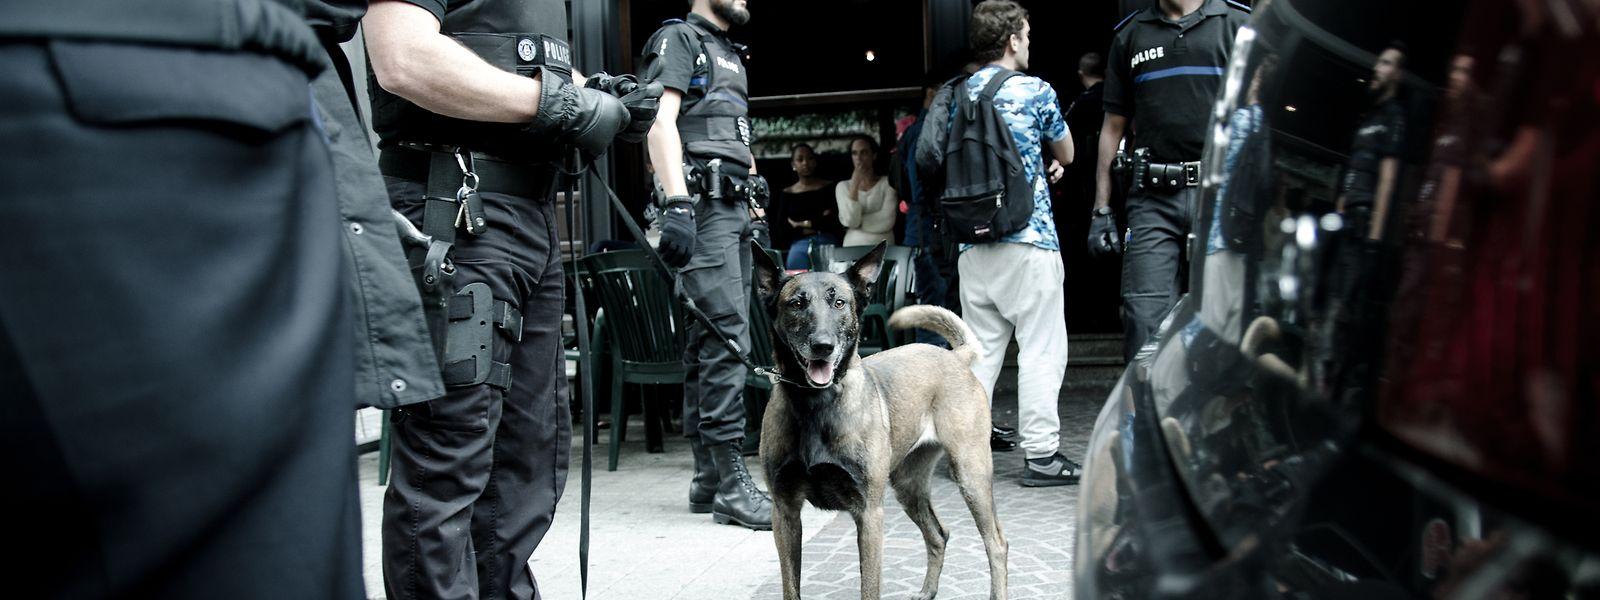 Das Bahnhofsviertel ist der Brennpunkt für Drogenvergehen schlechthin: Auf dem Gebiet der Hauptstadt hat die Polizei im Jahr 2018 insgesamt 1192 Taten verzeichnet.